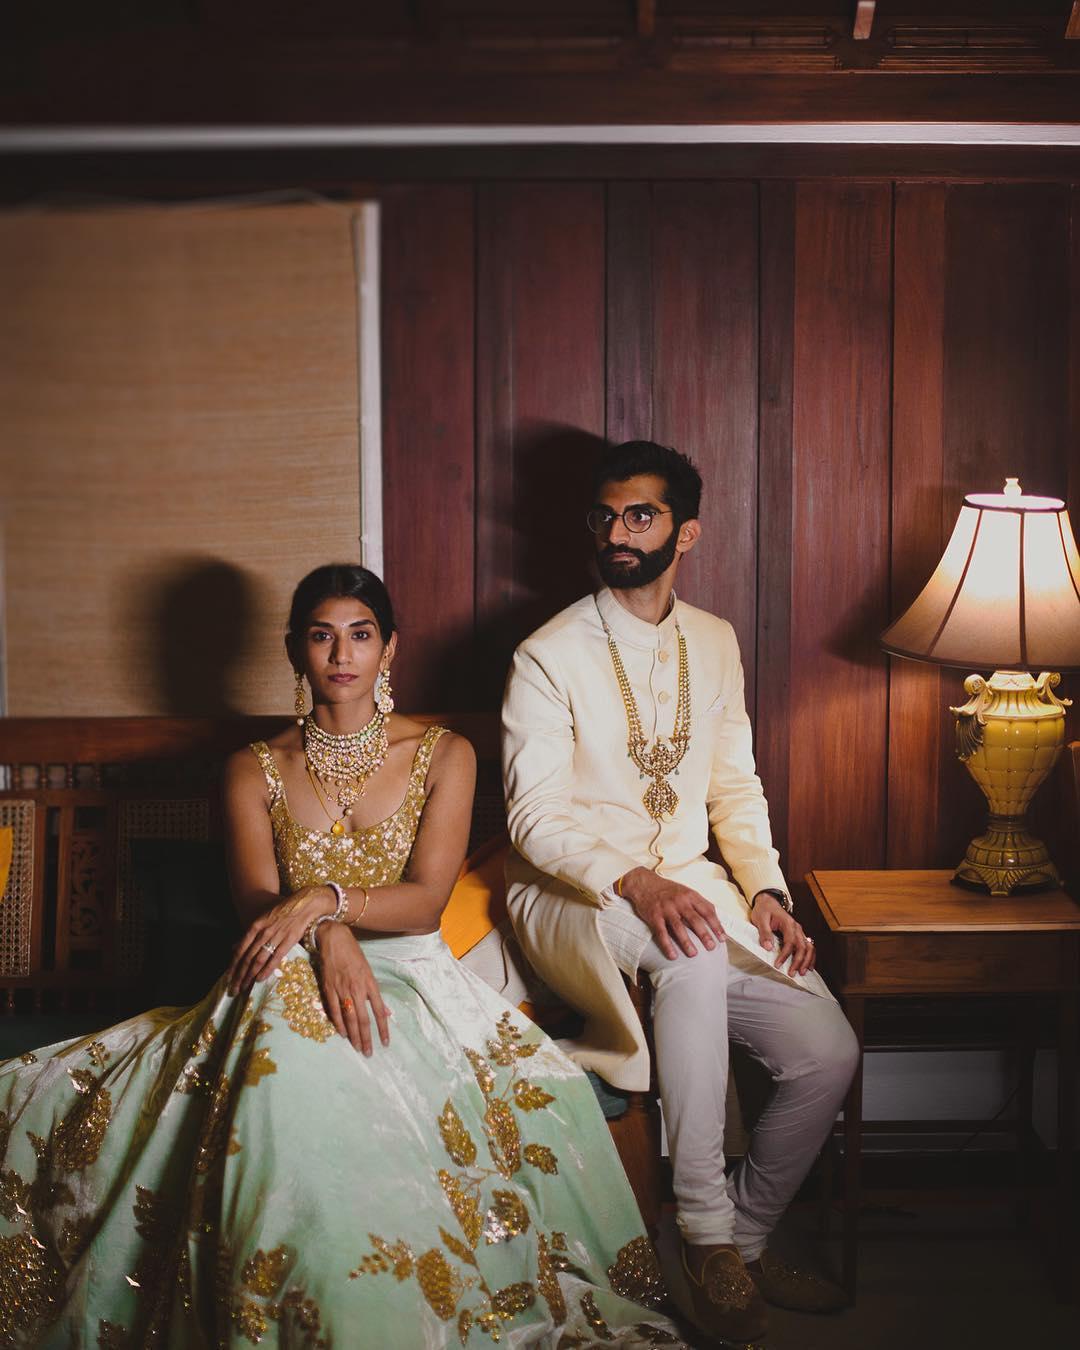 ndian groom, groom accessories, ladi haar, groom trends, groom shopping, groom outfit ideas